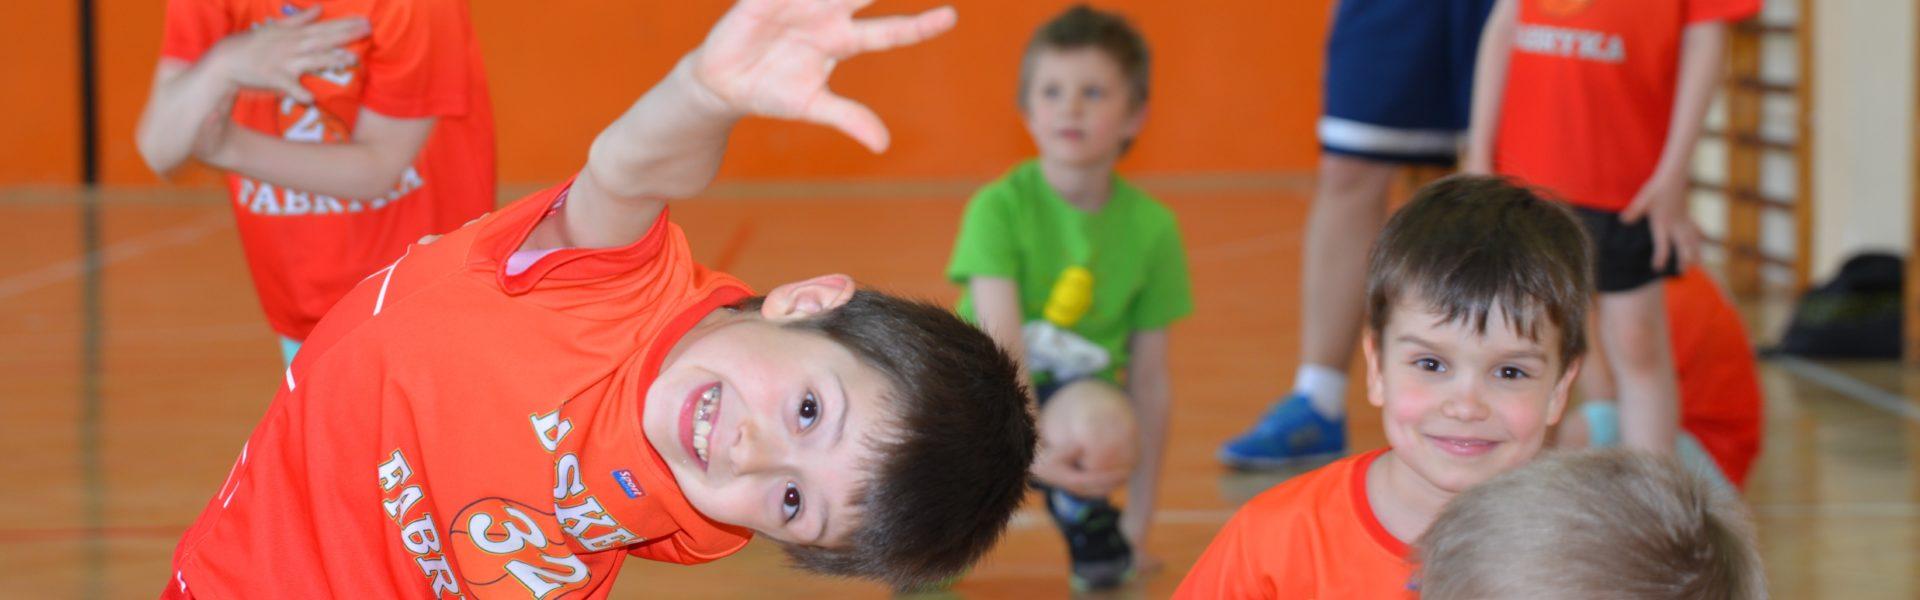 Dołącz do nas! Niech Twoje dziecko bawi się koszykówką :)